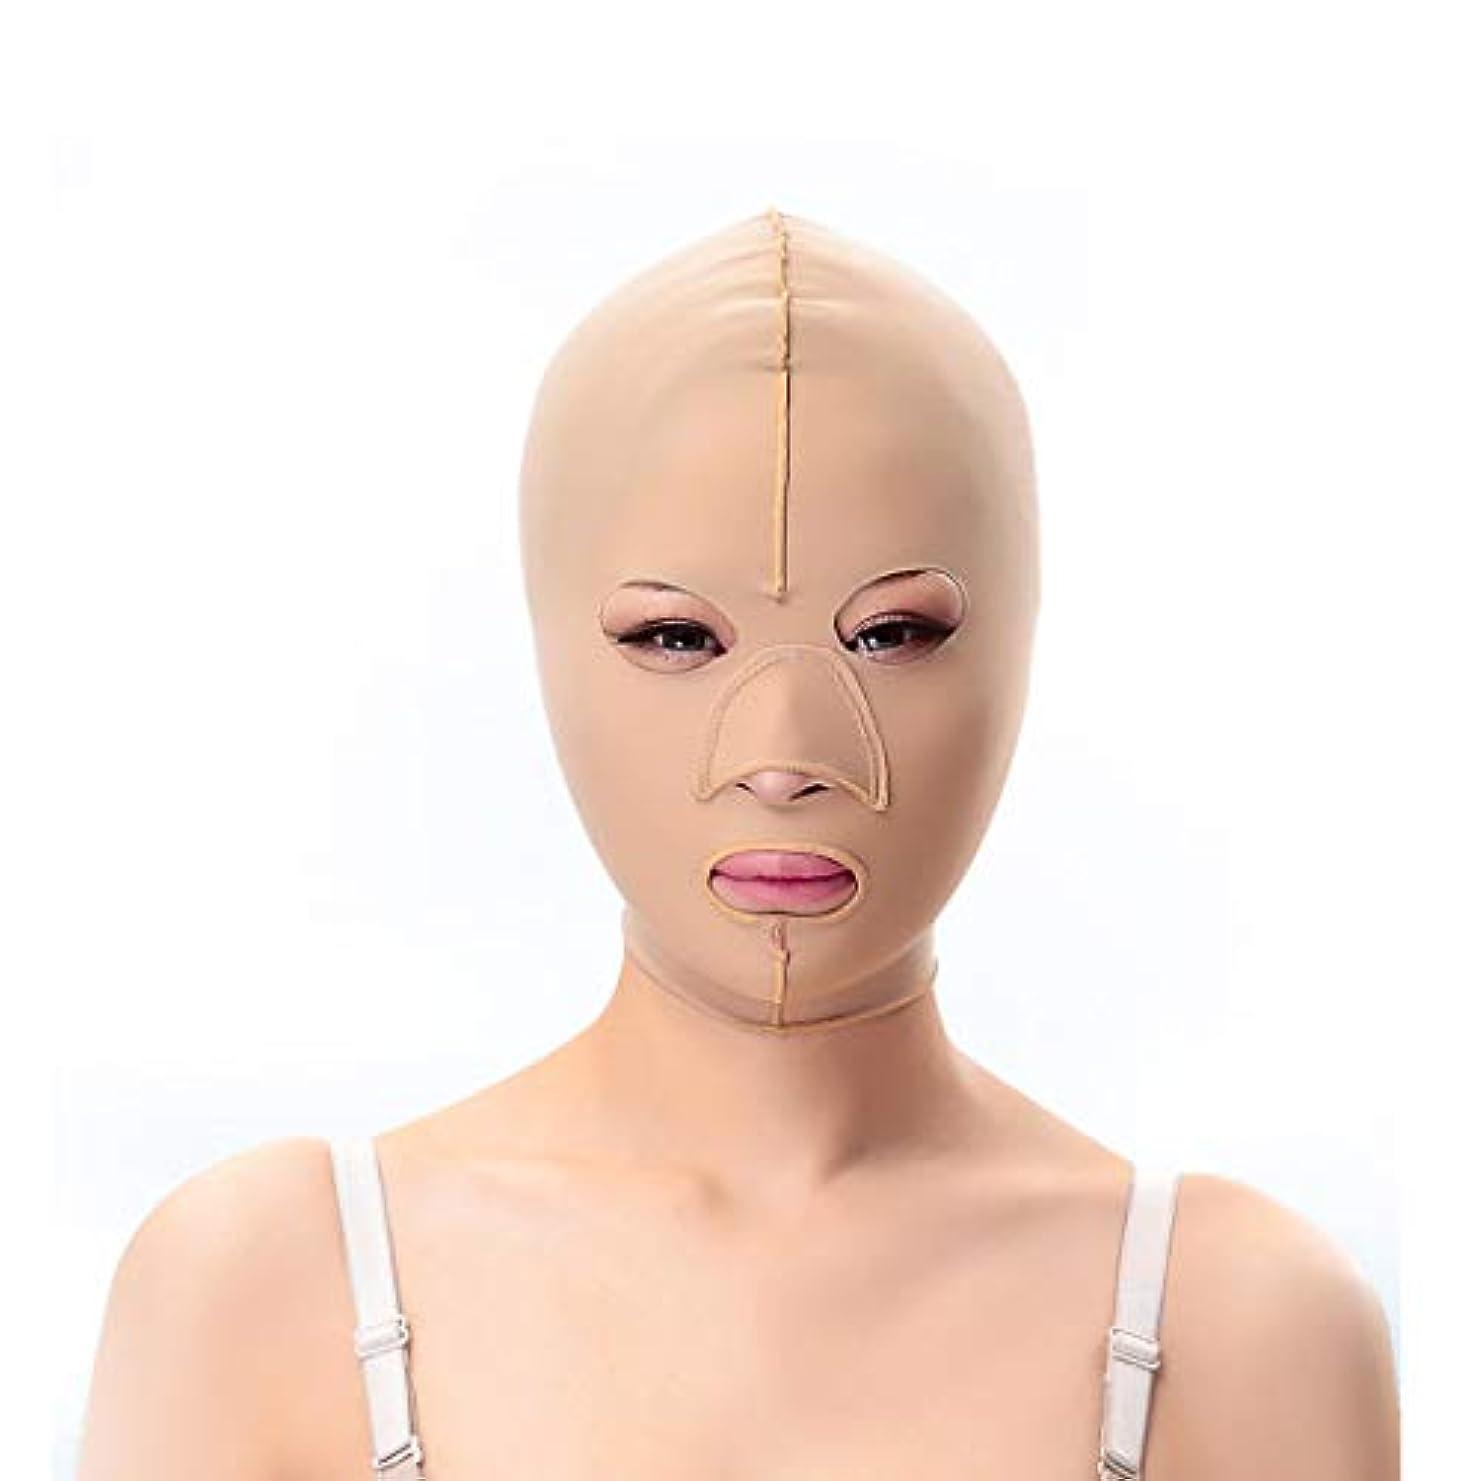 アイデア粒優先TLMY 減量ベルトマスクフェイスマスク神聖なパターンリフト二重あご引き締め顔面プラスチック顔面アーティファクト強力な顔面包帯 顔用整形マスク (Size : S)